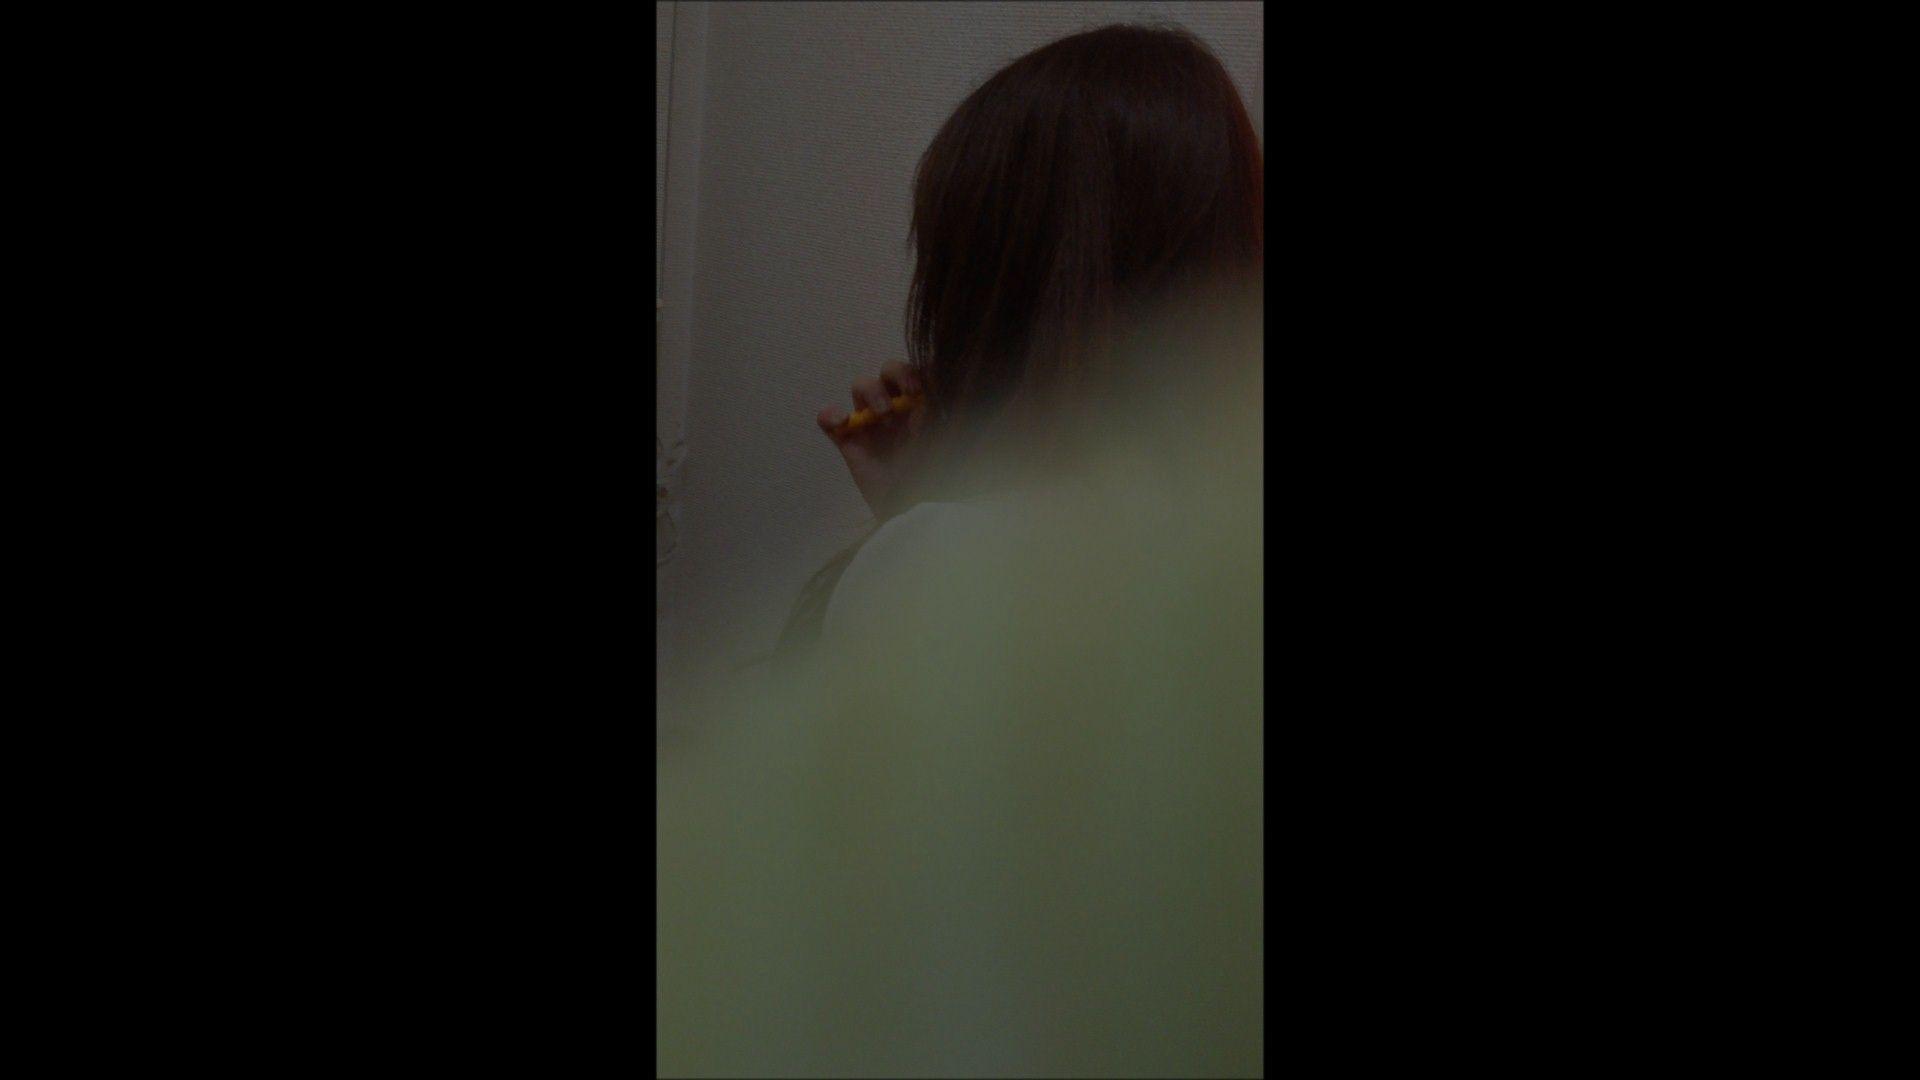 08(8日目)メイク中の彼女の顔を撮りました! 盗撮大放出 性交動画流出 51連発 50